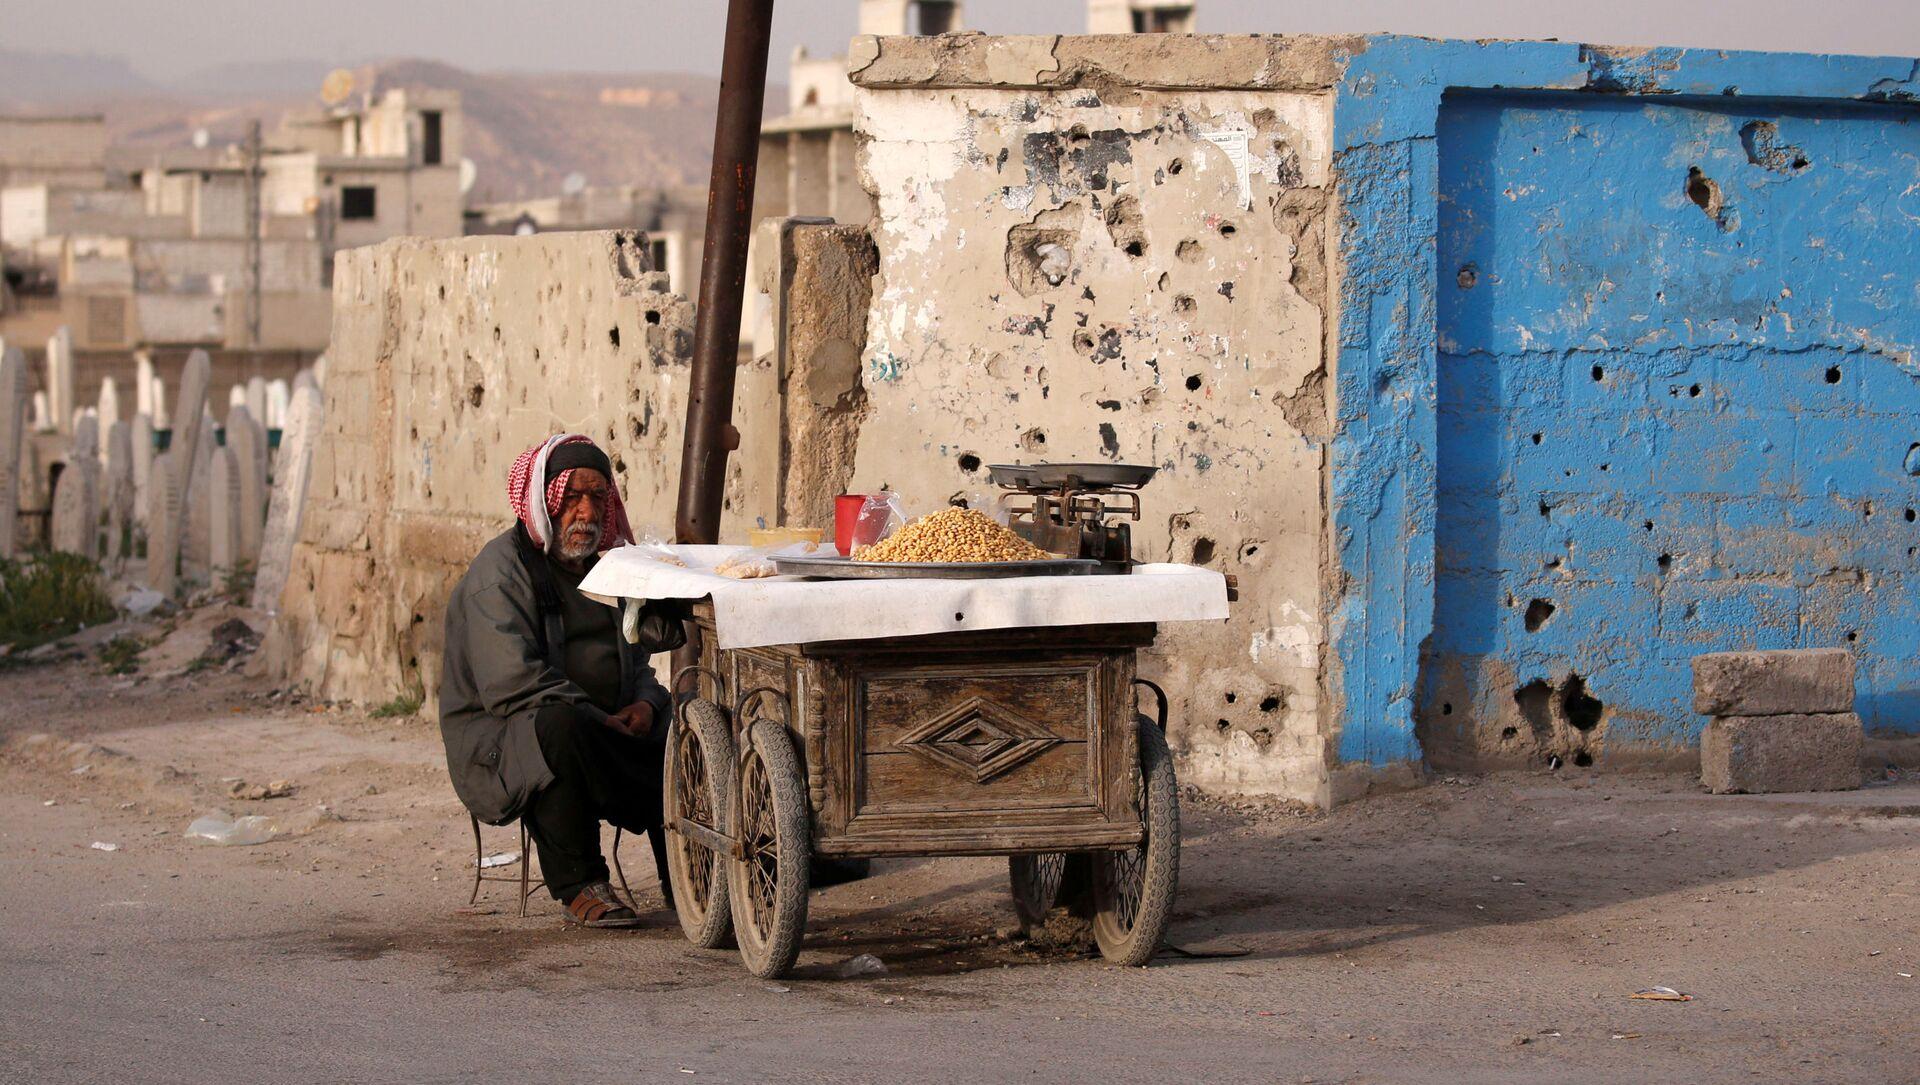 Sprzedawca uliczny w Dumie, na przedmieściach Damaszku, Syria - Sputnik Polska, 1920, 30.03.2021